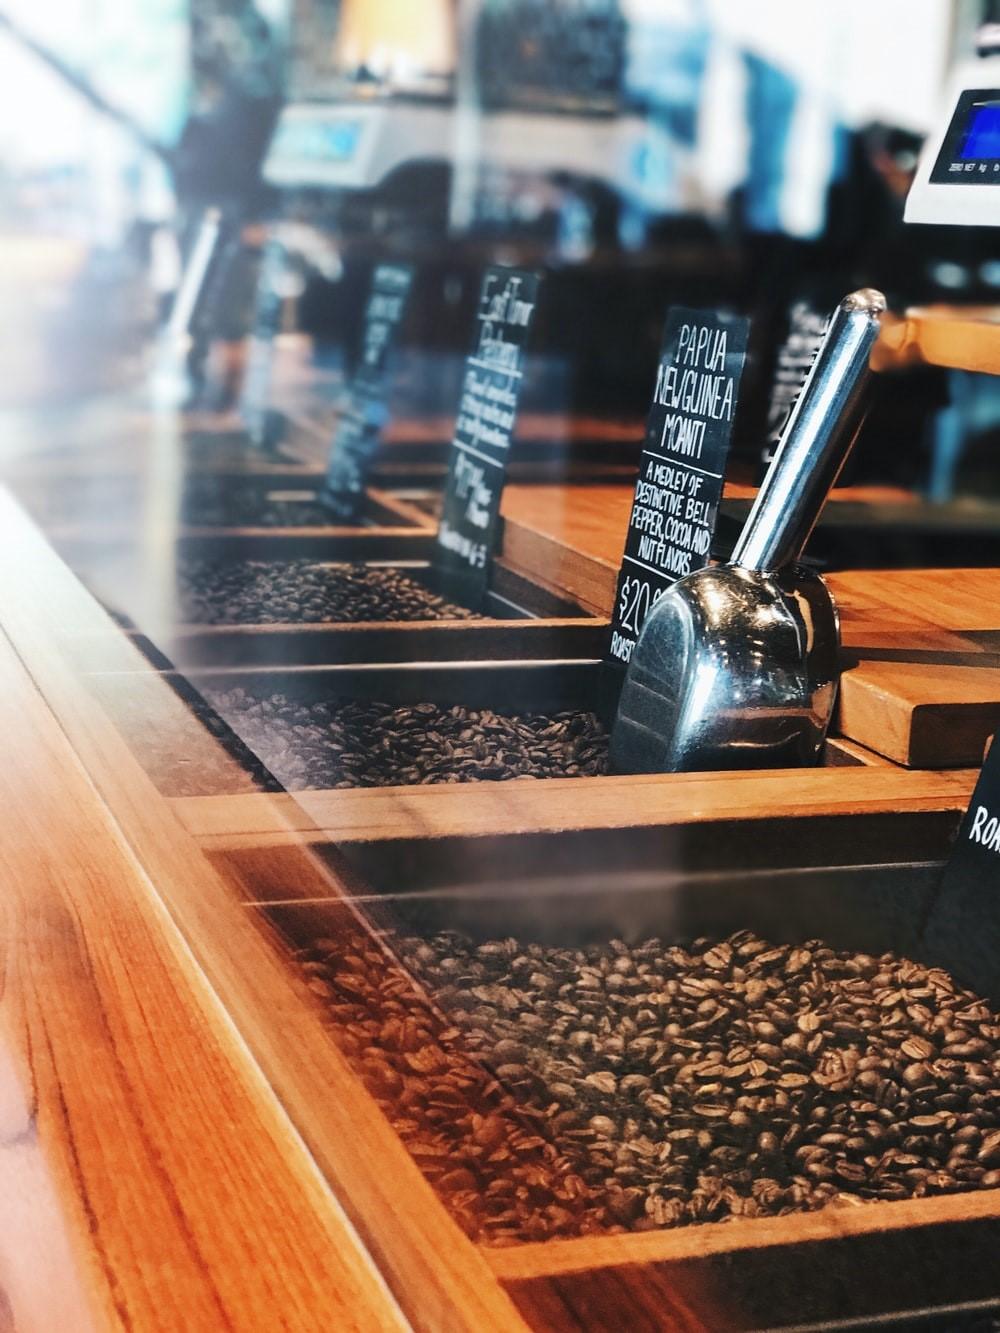 A coffee shop in Seattle